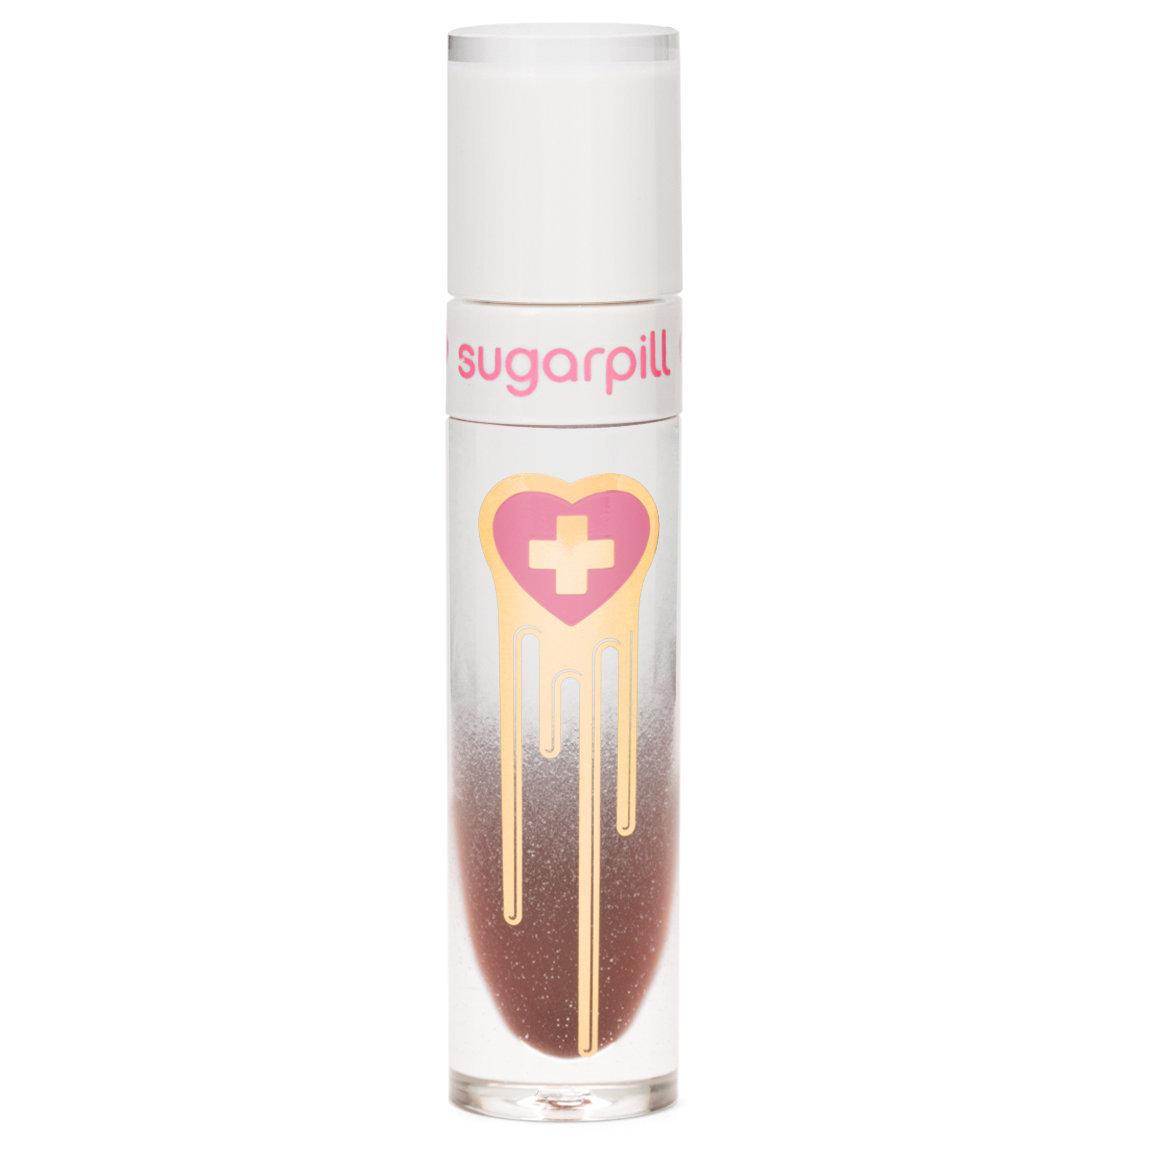 Sugarpill Cosmetics Liquid Lip Color Anti-Socialite alternative view 1.